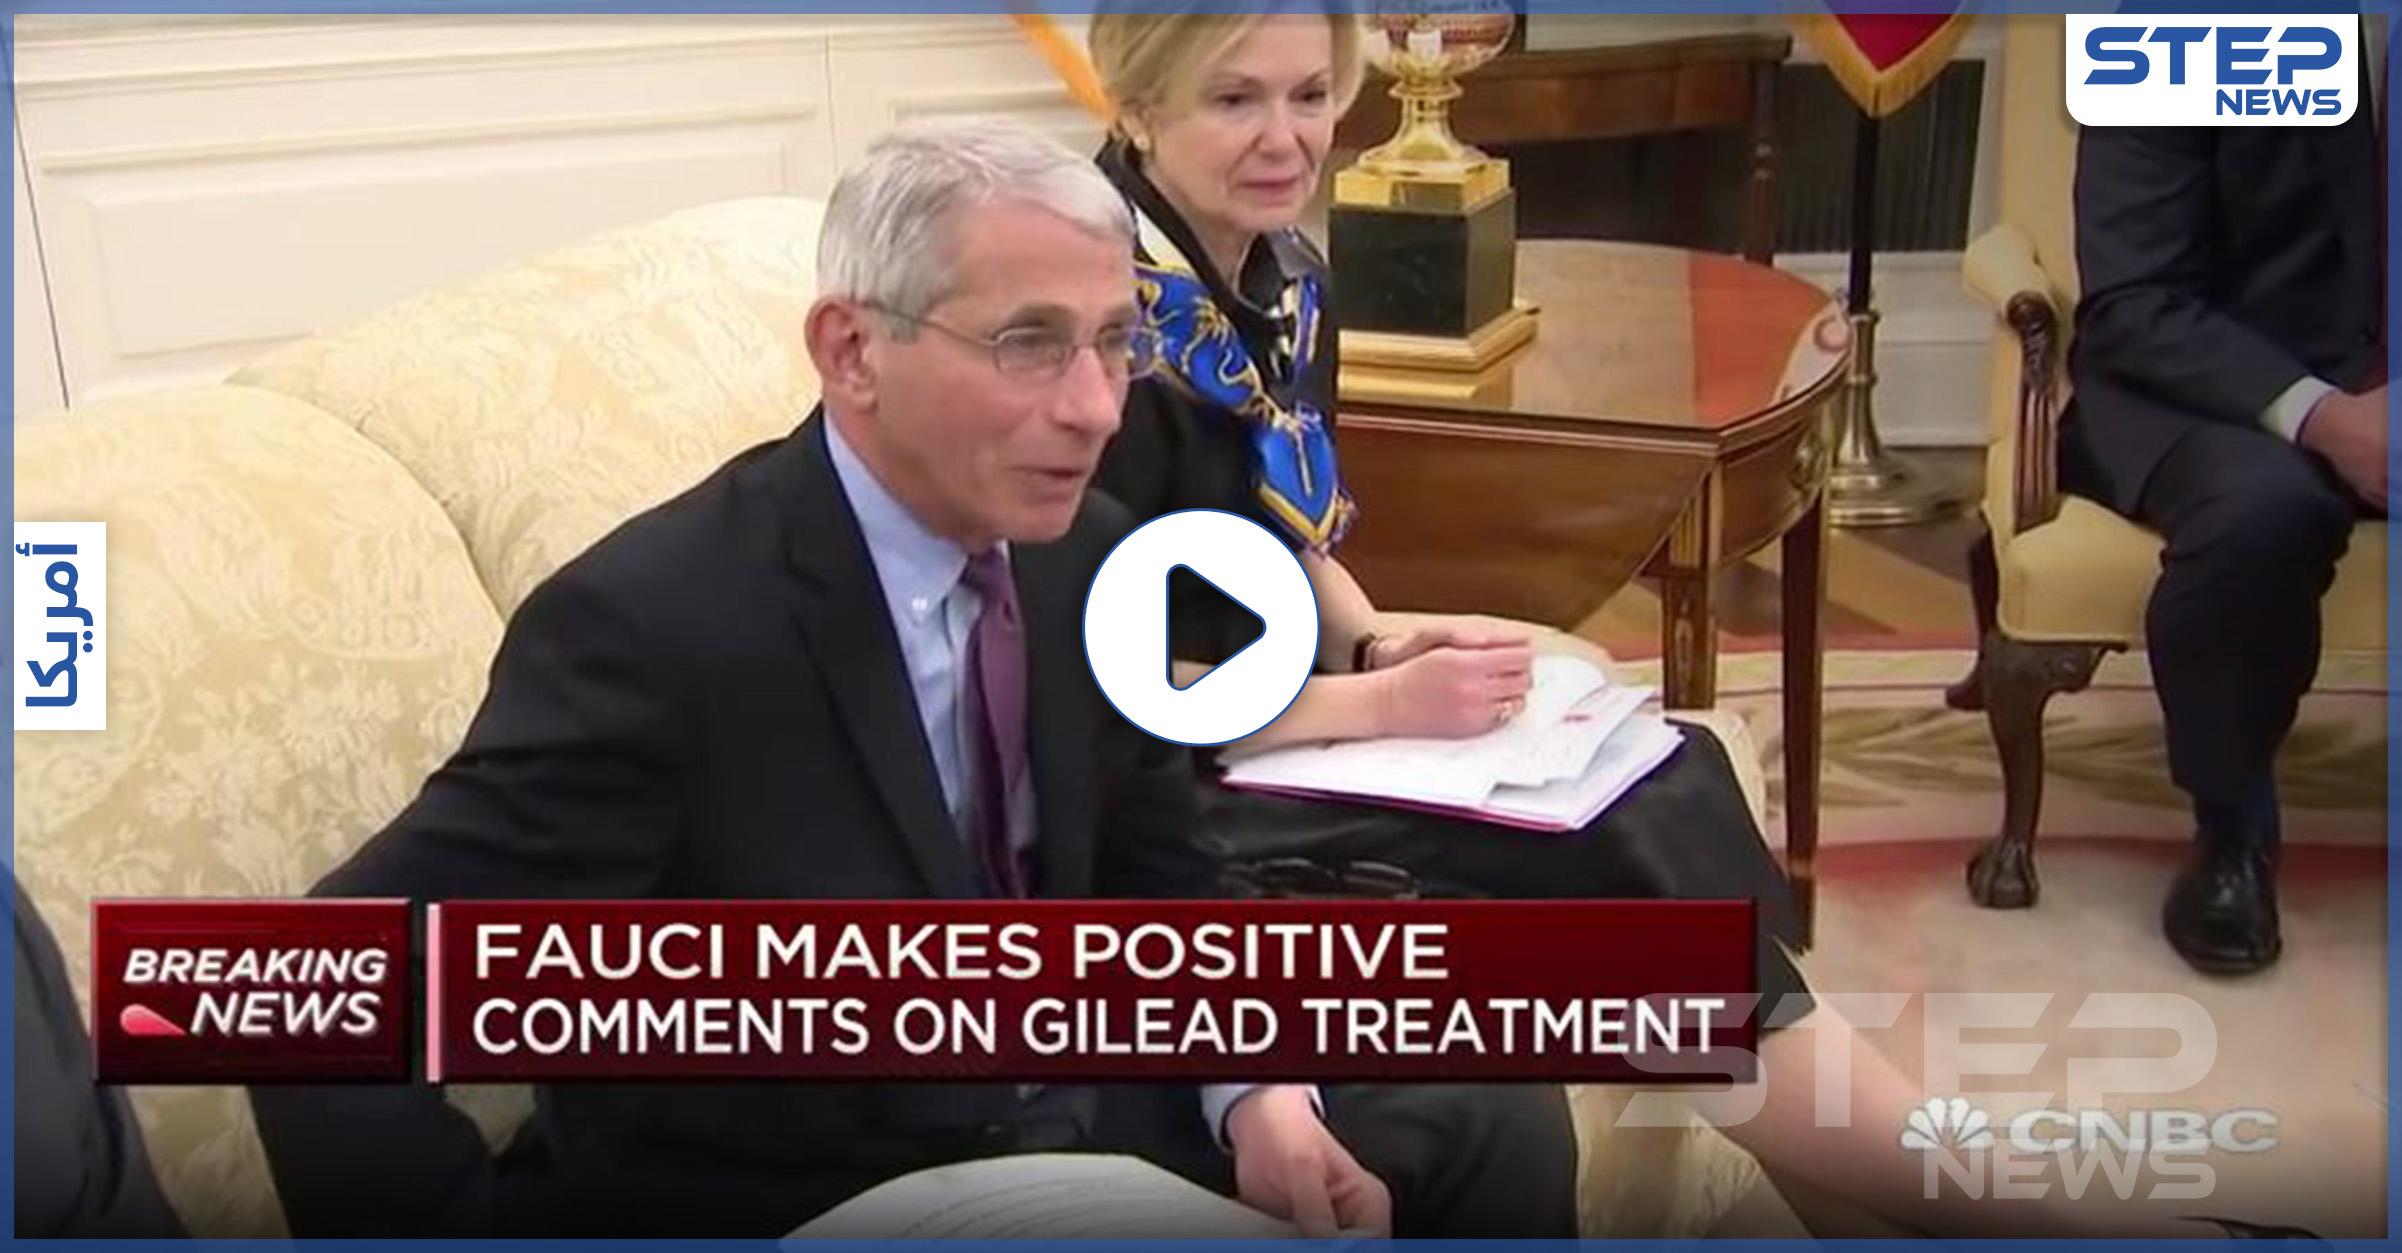 بالفيديو|| مفاجأة سارة.. مستشار الصحة في البيت الأبيض يعلن التوصل لدواء كورونا